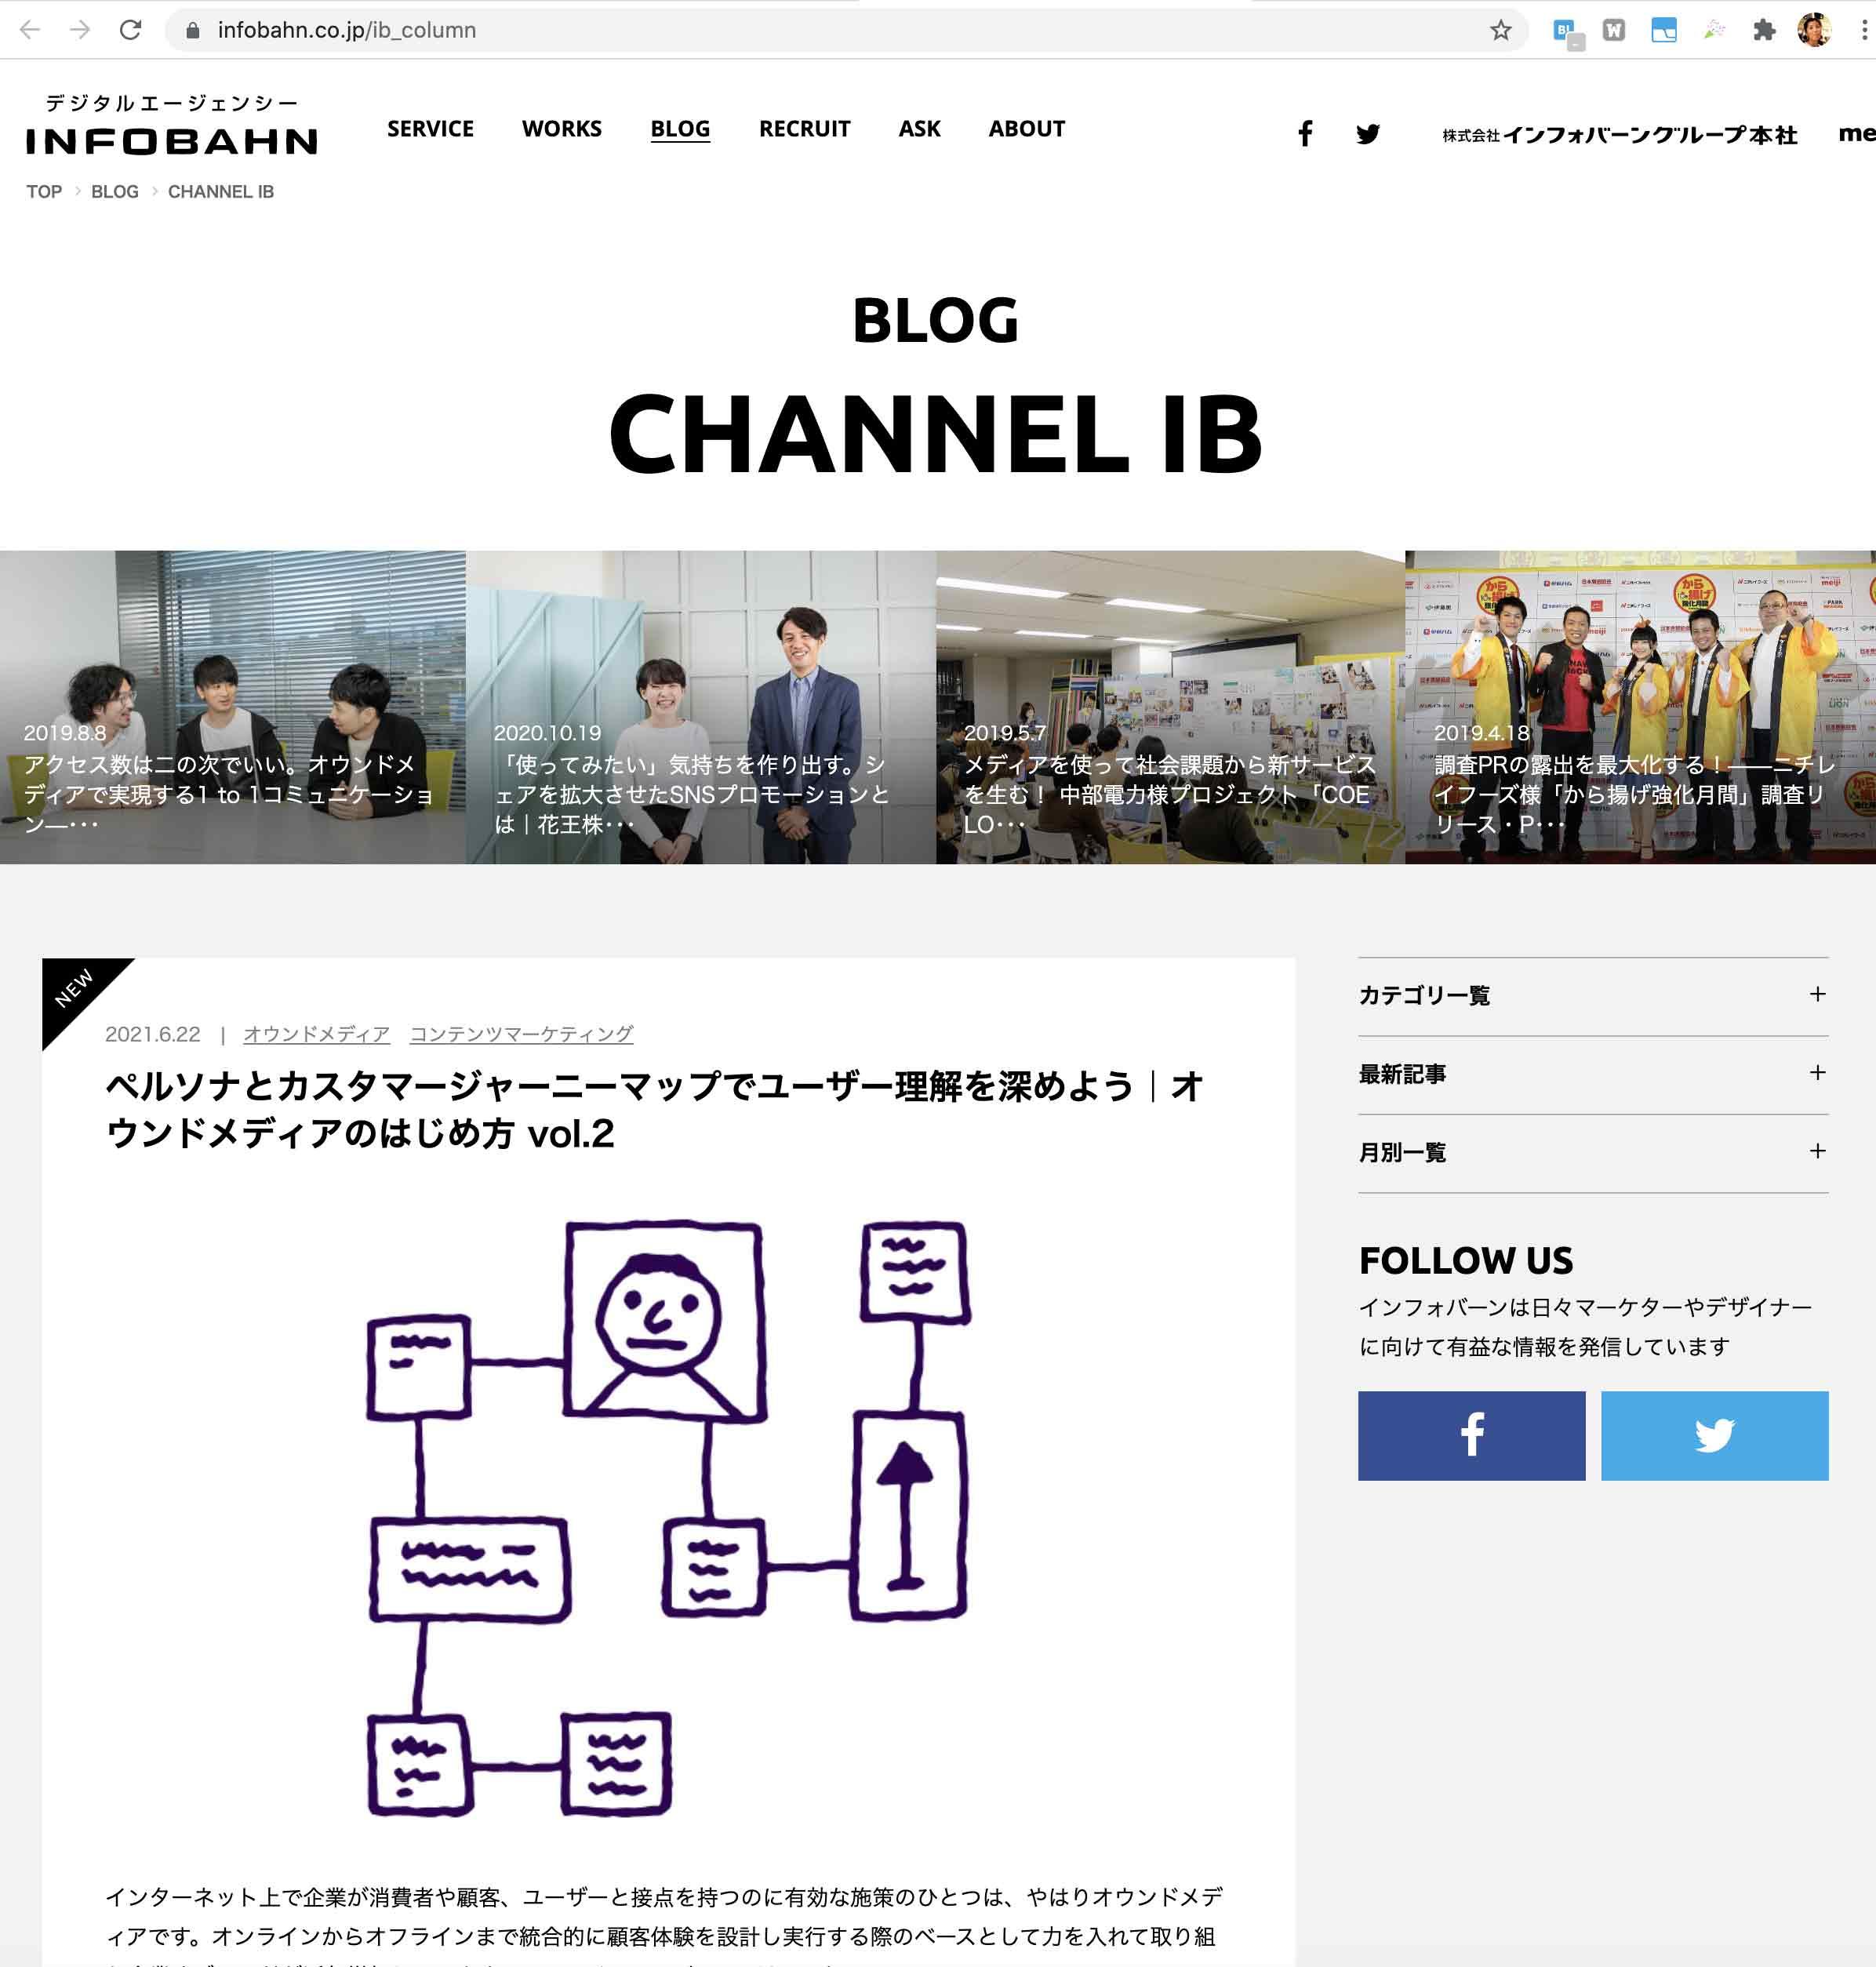 インフォバーングループのブログ。デジタルエージェンシー、インフォバーングループ本社のブログは、コーポレートサイト以下のディレクトリに設置されています。